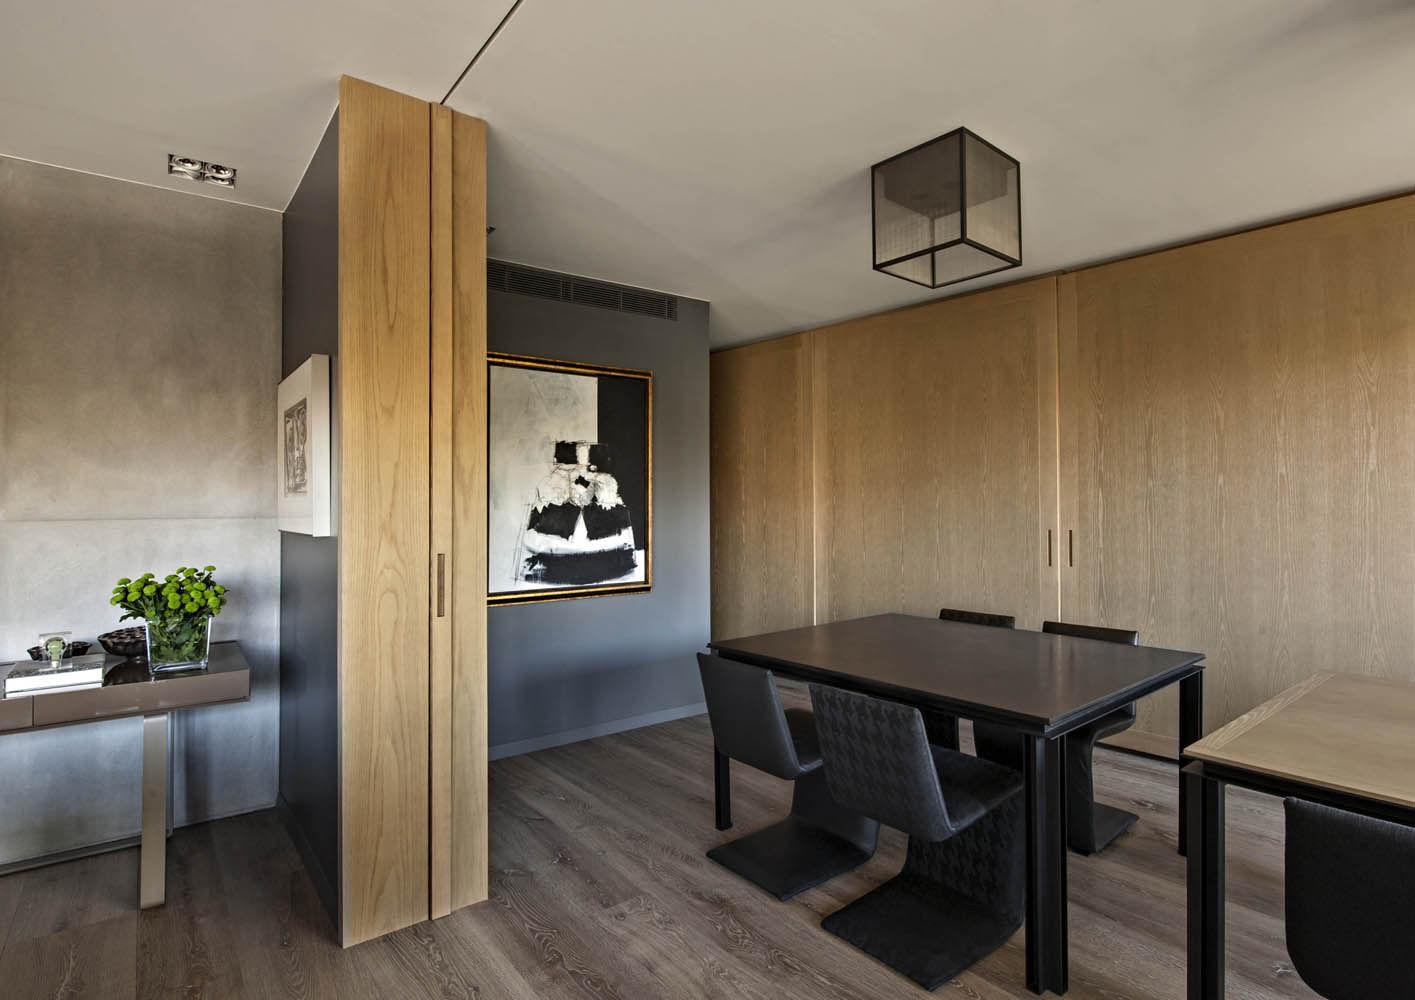 Barcelona privatwohnung im turo parc interiors contract de